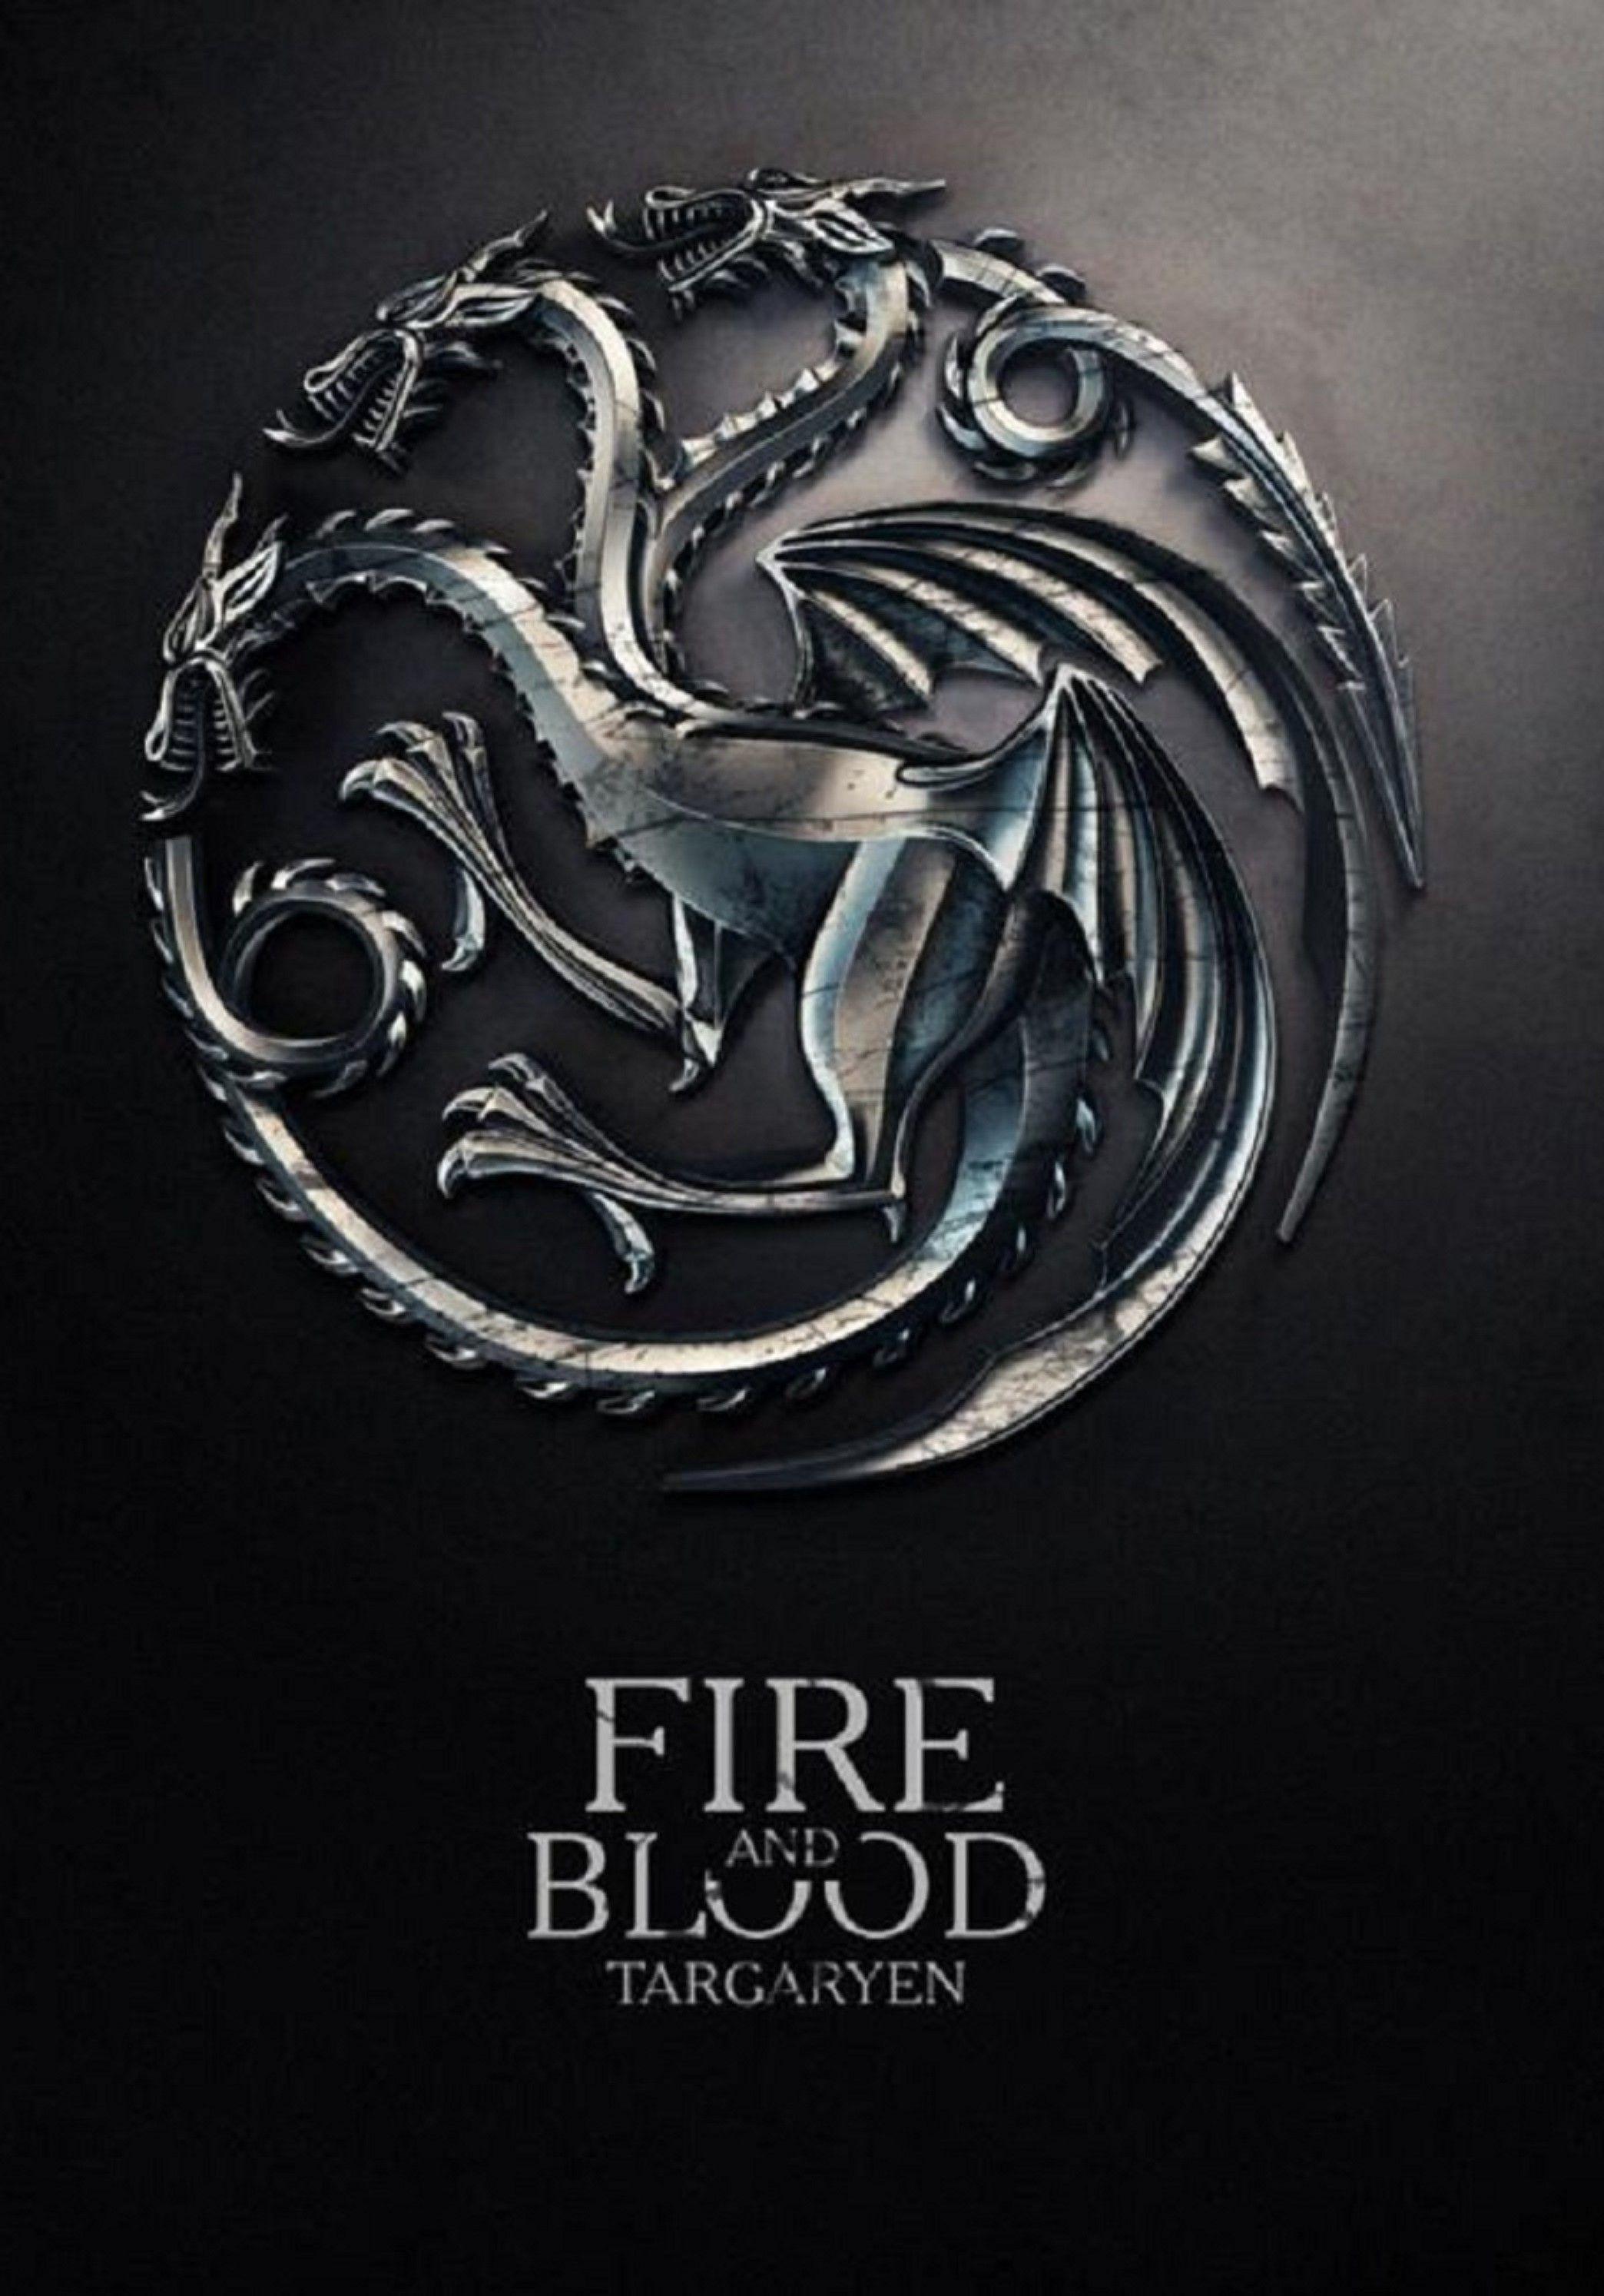 House Targaryen Juego De Tronos Casas Juego De Tronos